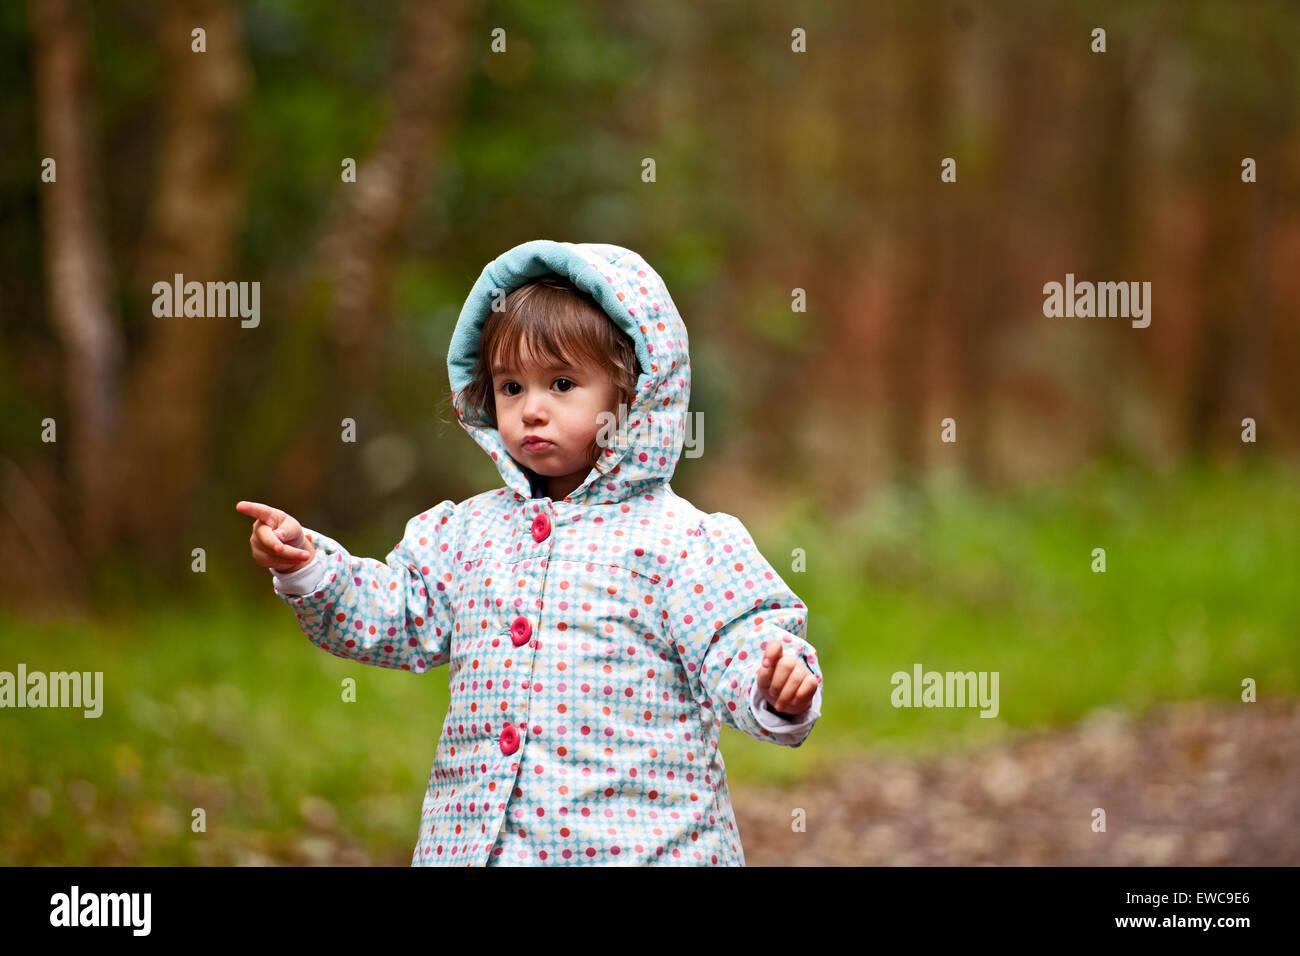 La niña de etnicidad mixta caminando a través de un frondoso Imagen De Stock